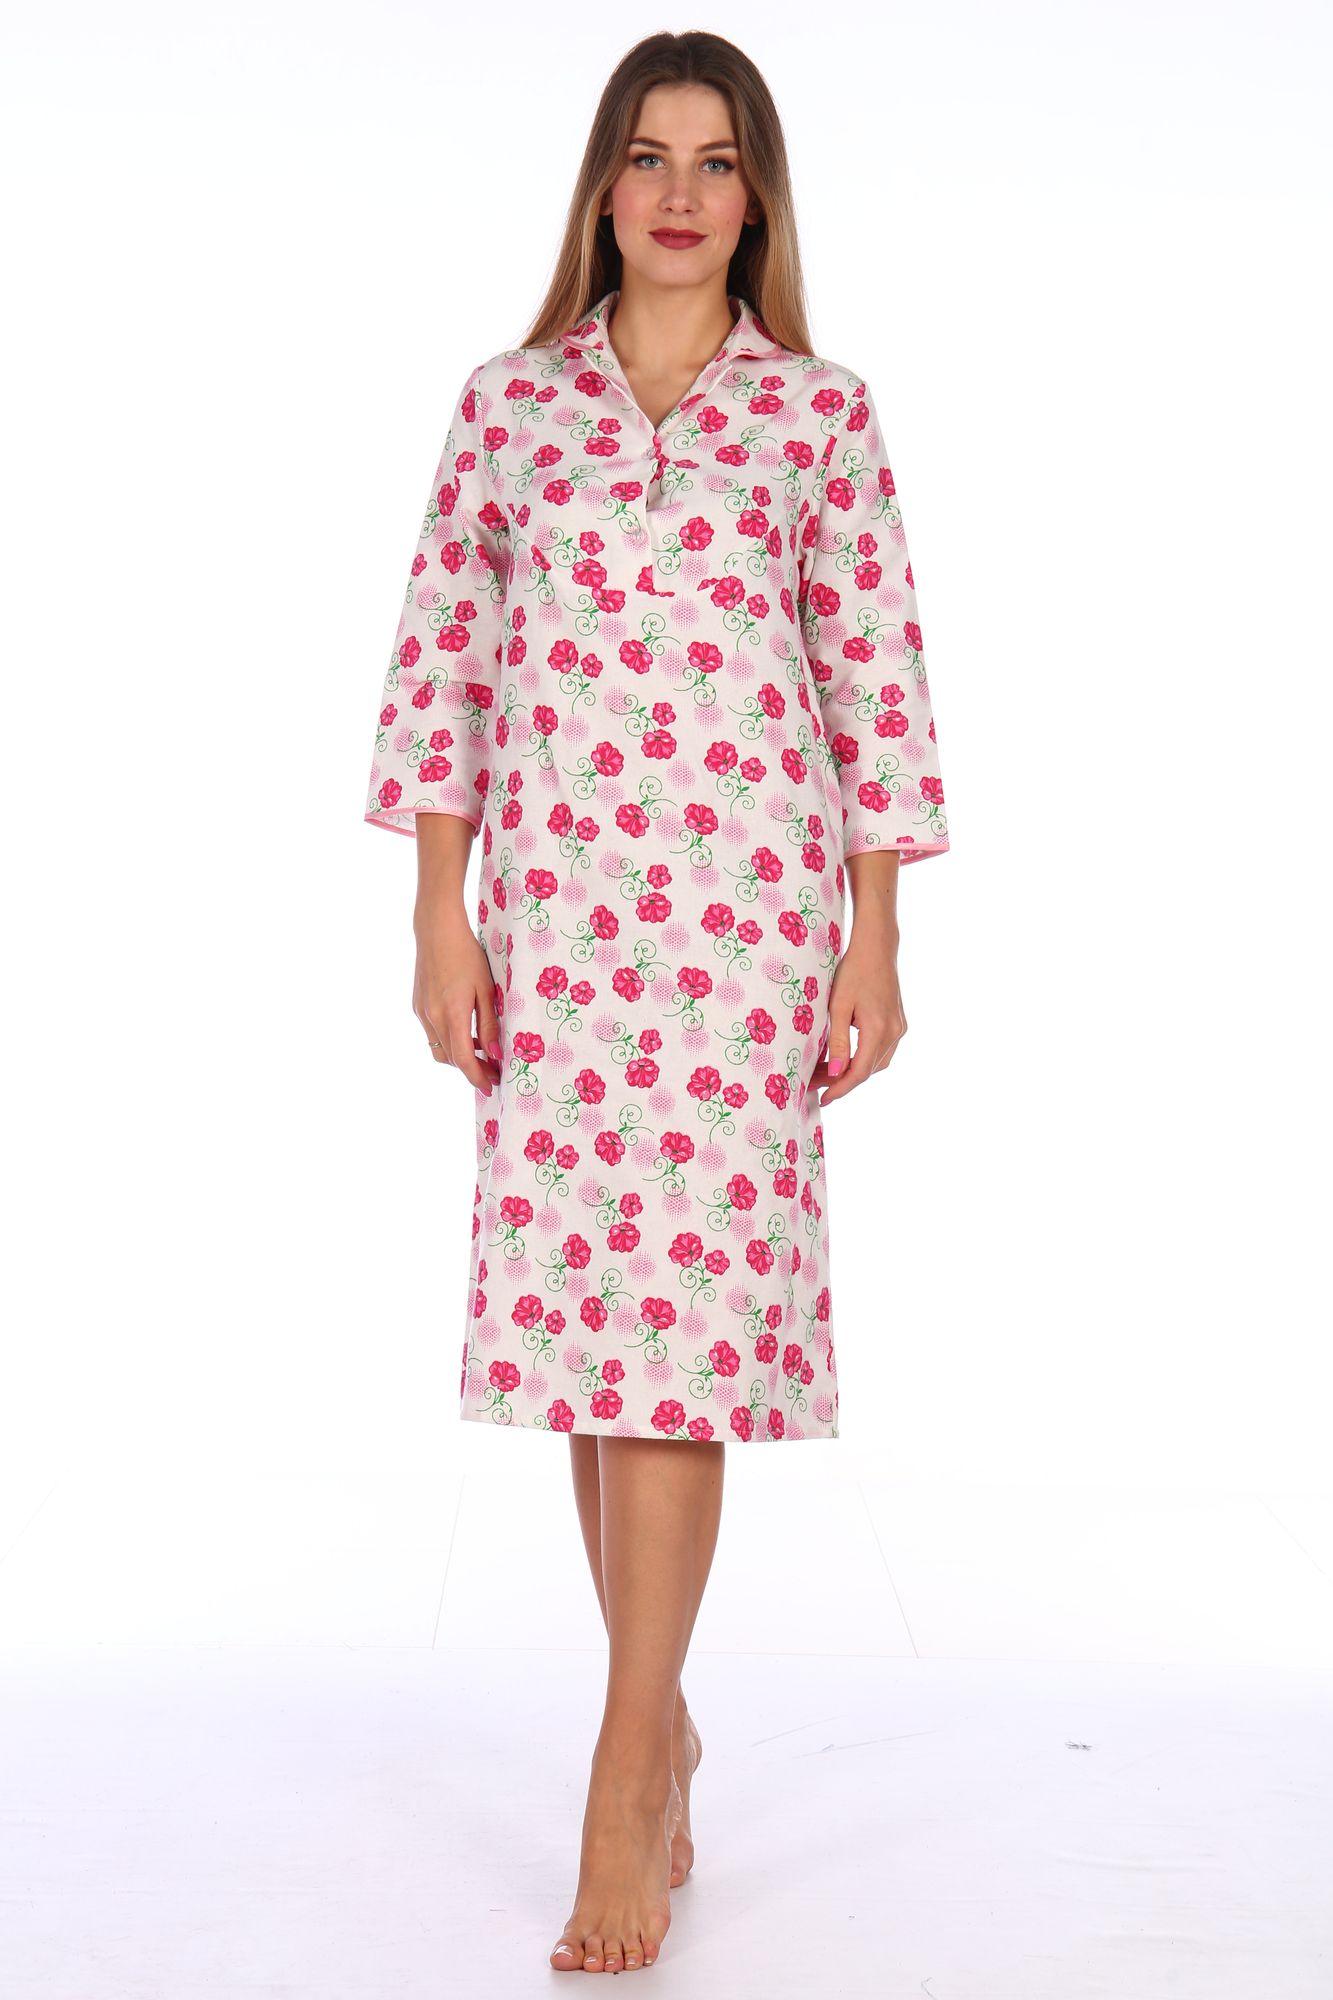 Сорочка ночная женская,модель 411,фланель (Цветы, розовый )